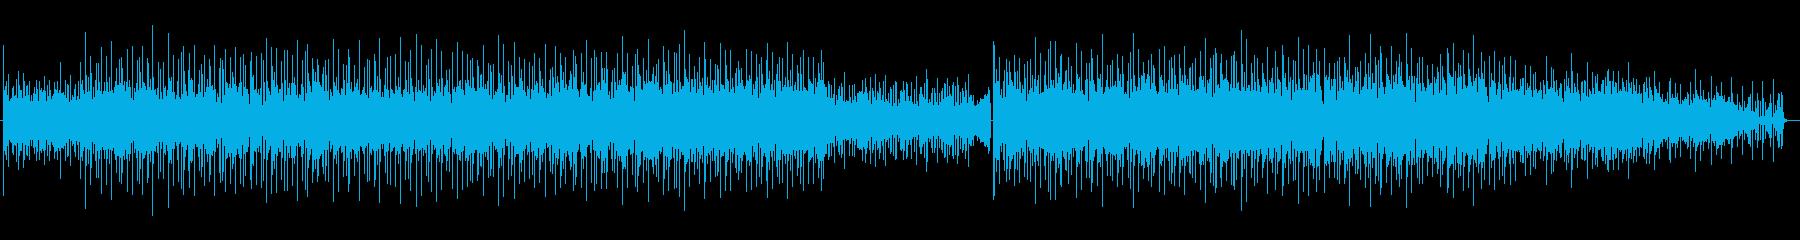 おしゃれポップな夏のBGMの再生済みの波形